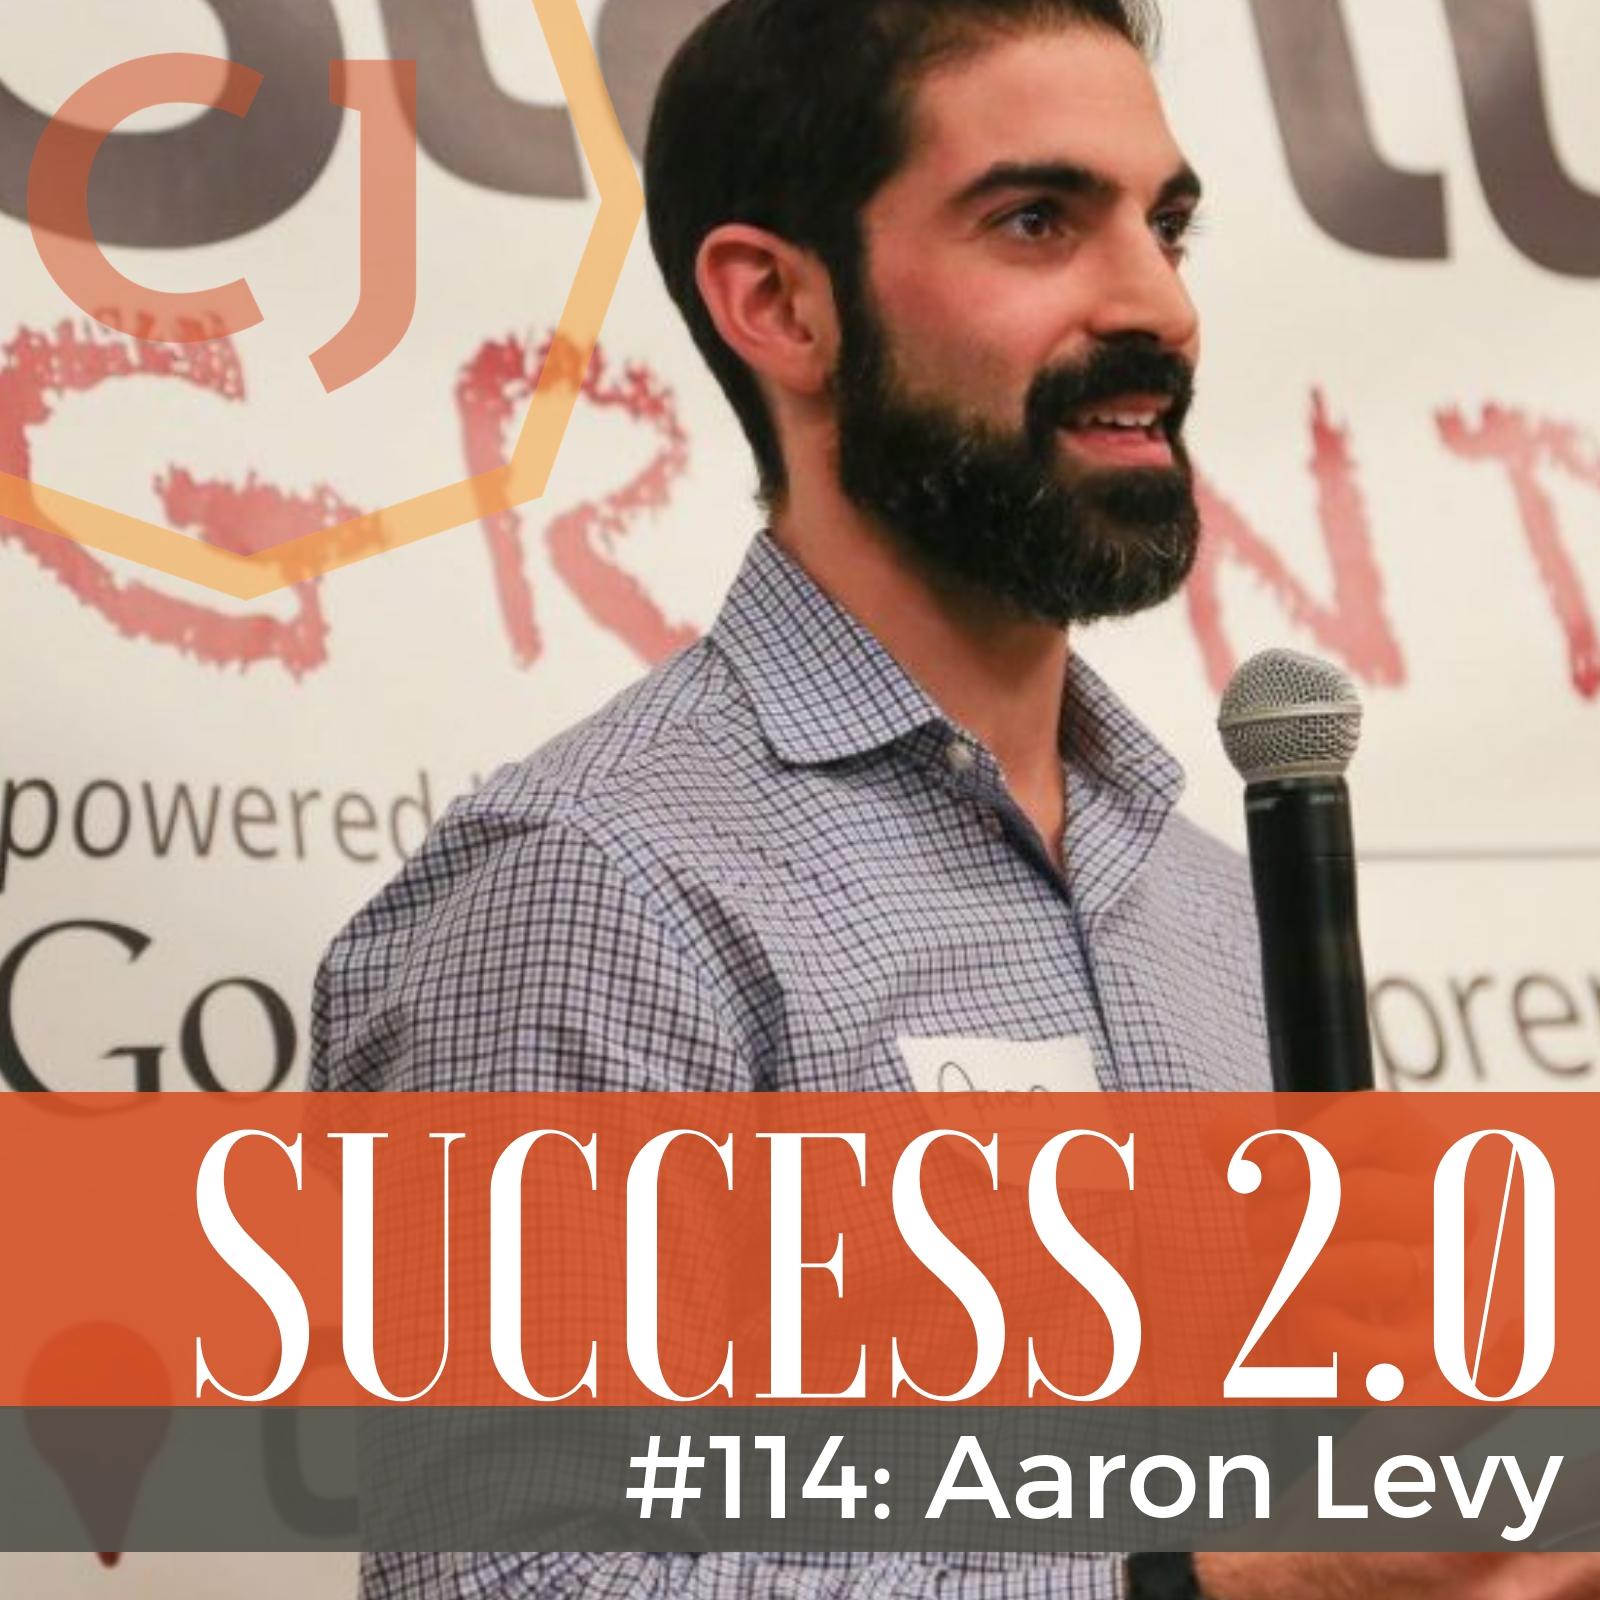 Success-2.0-114-Aaron-Levy-Raise-the-Bar